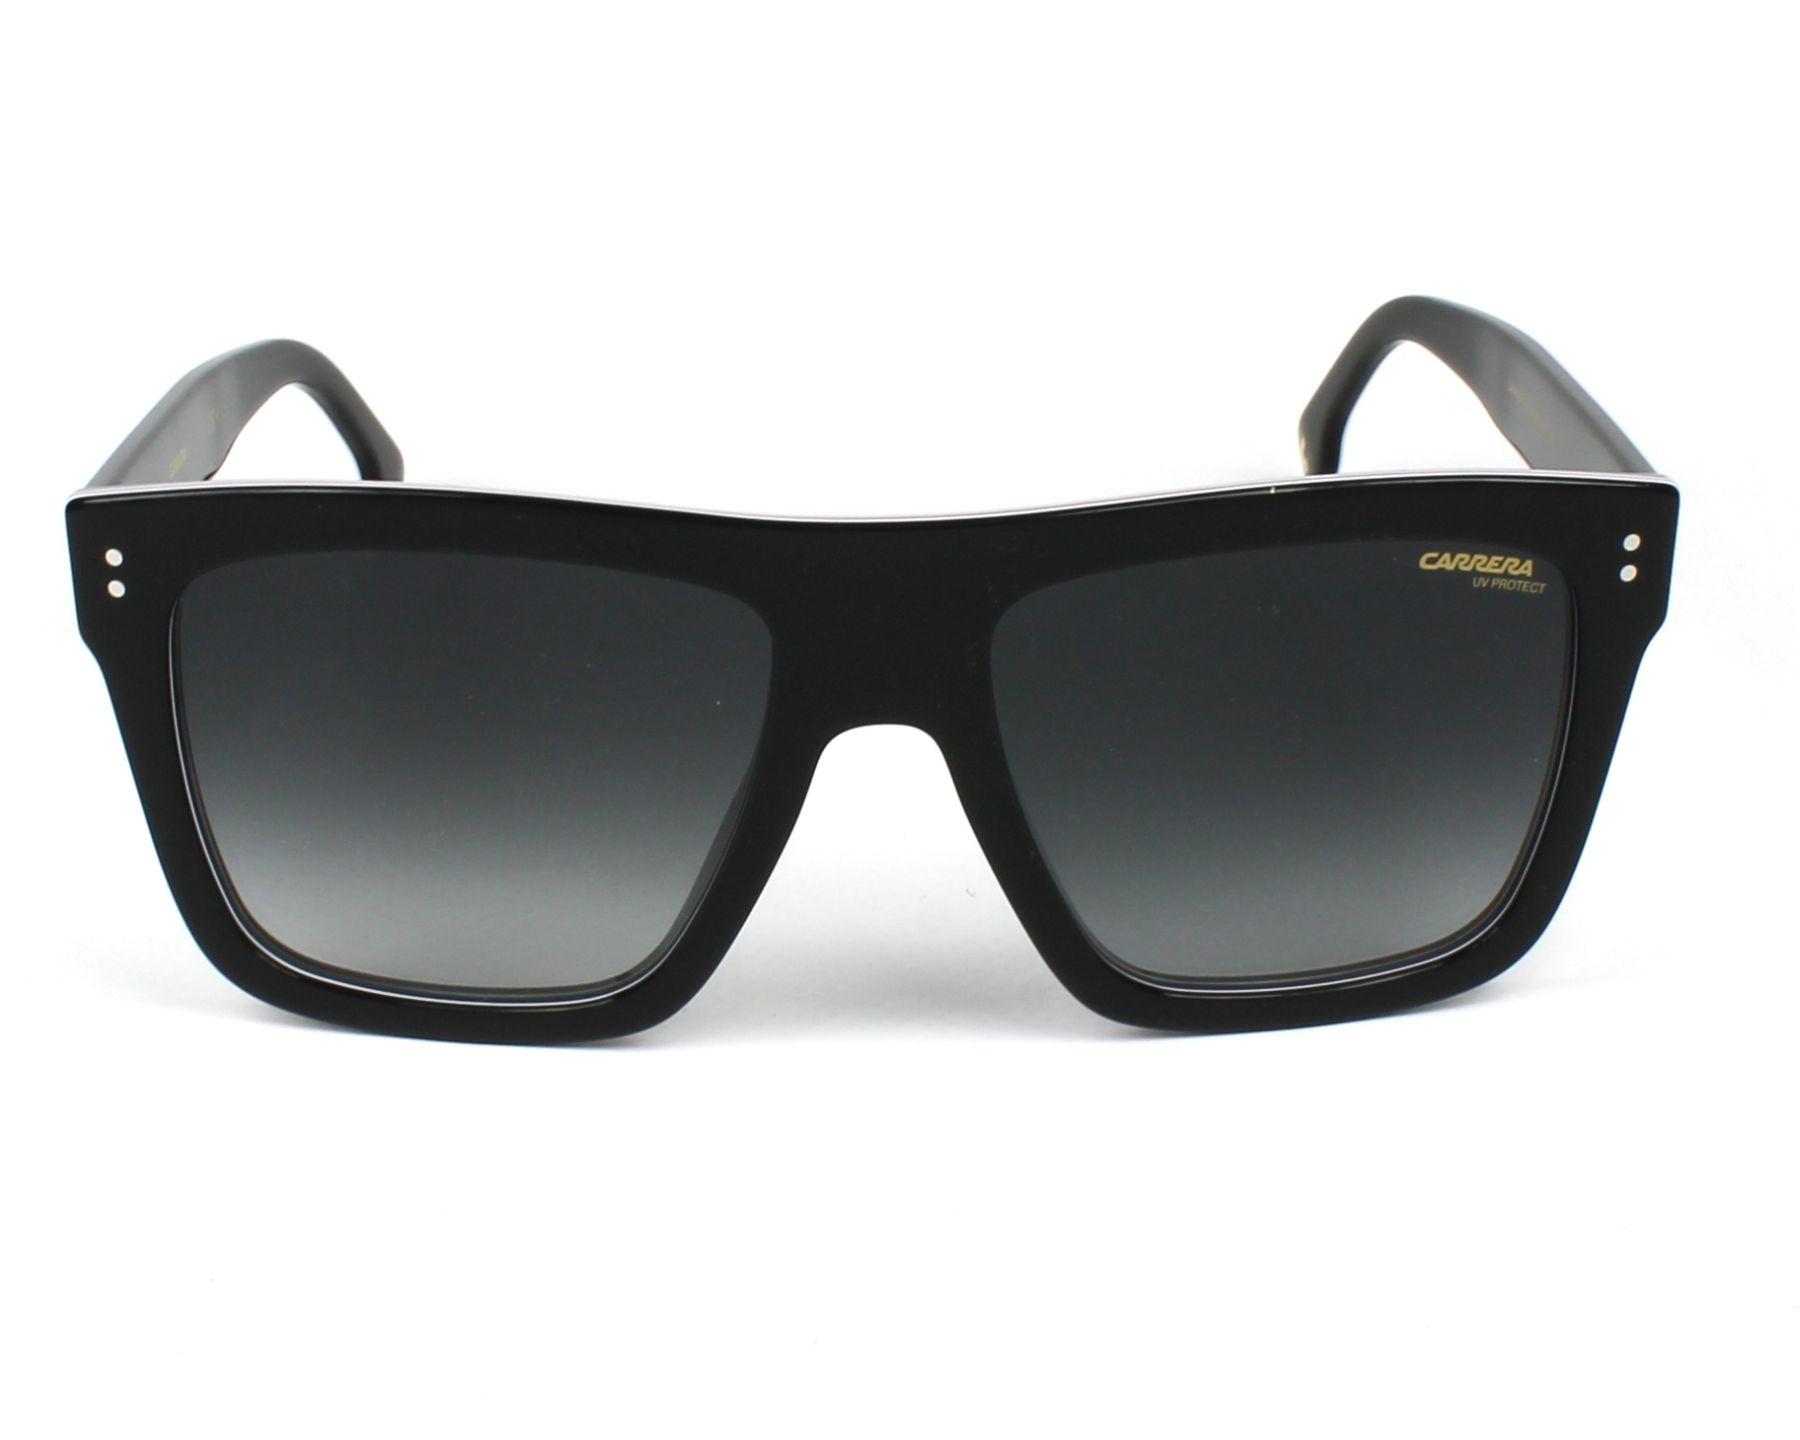 d0e30e83fa8 Sunglasses Carrera 1010-S 807 9O 55-18 Black White front view